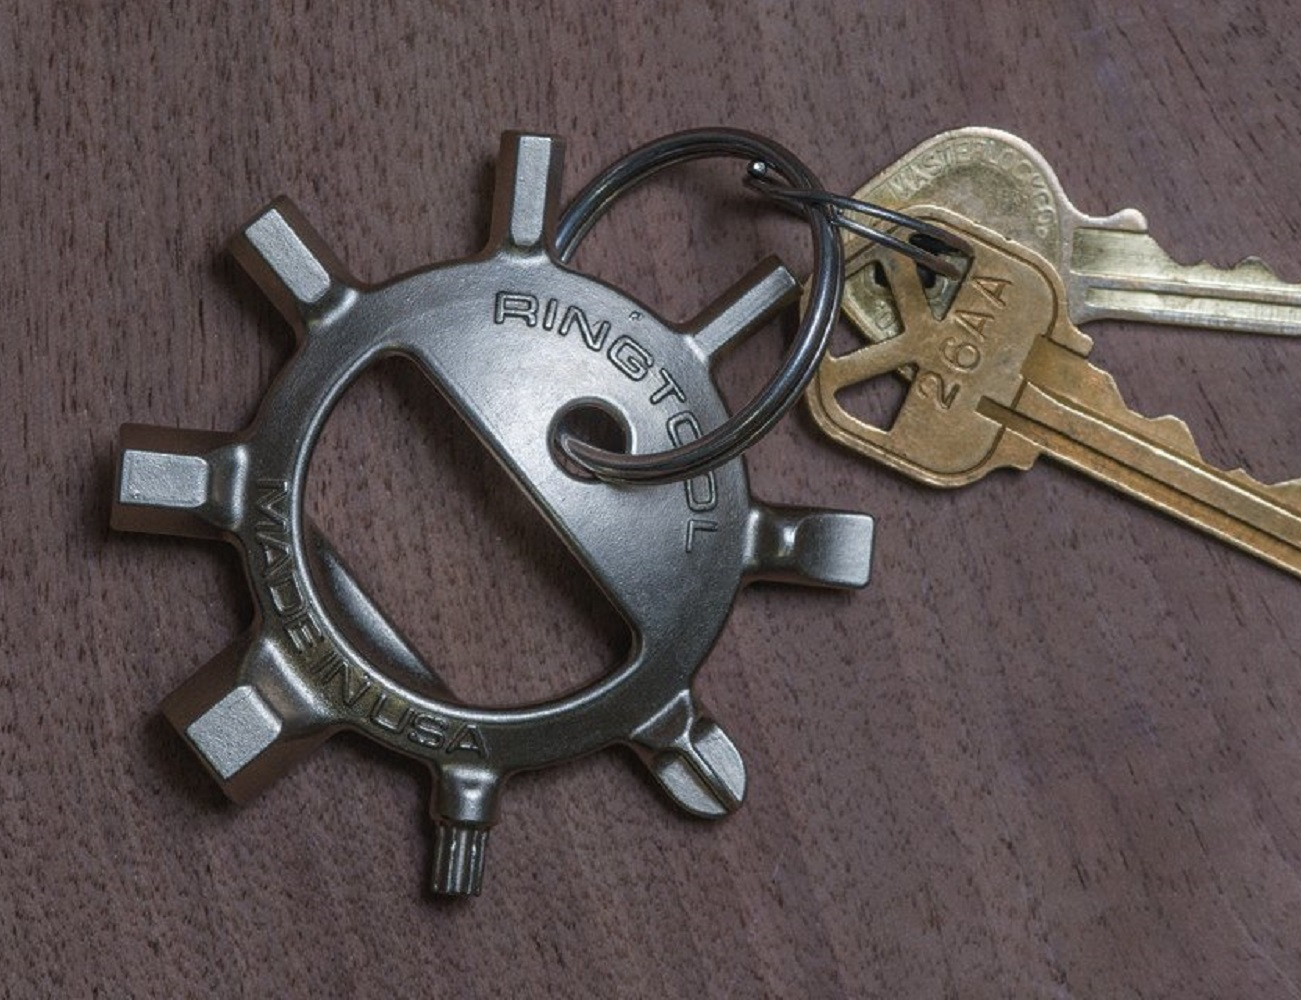 Ringtool Multi-Tool Keychain